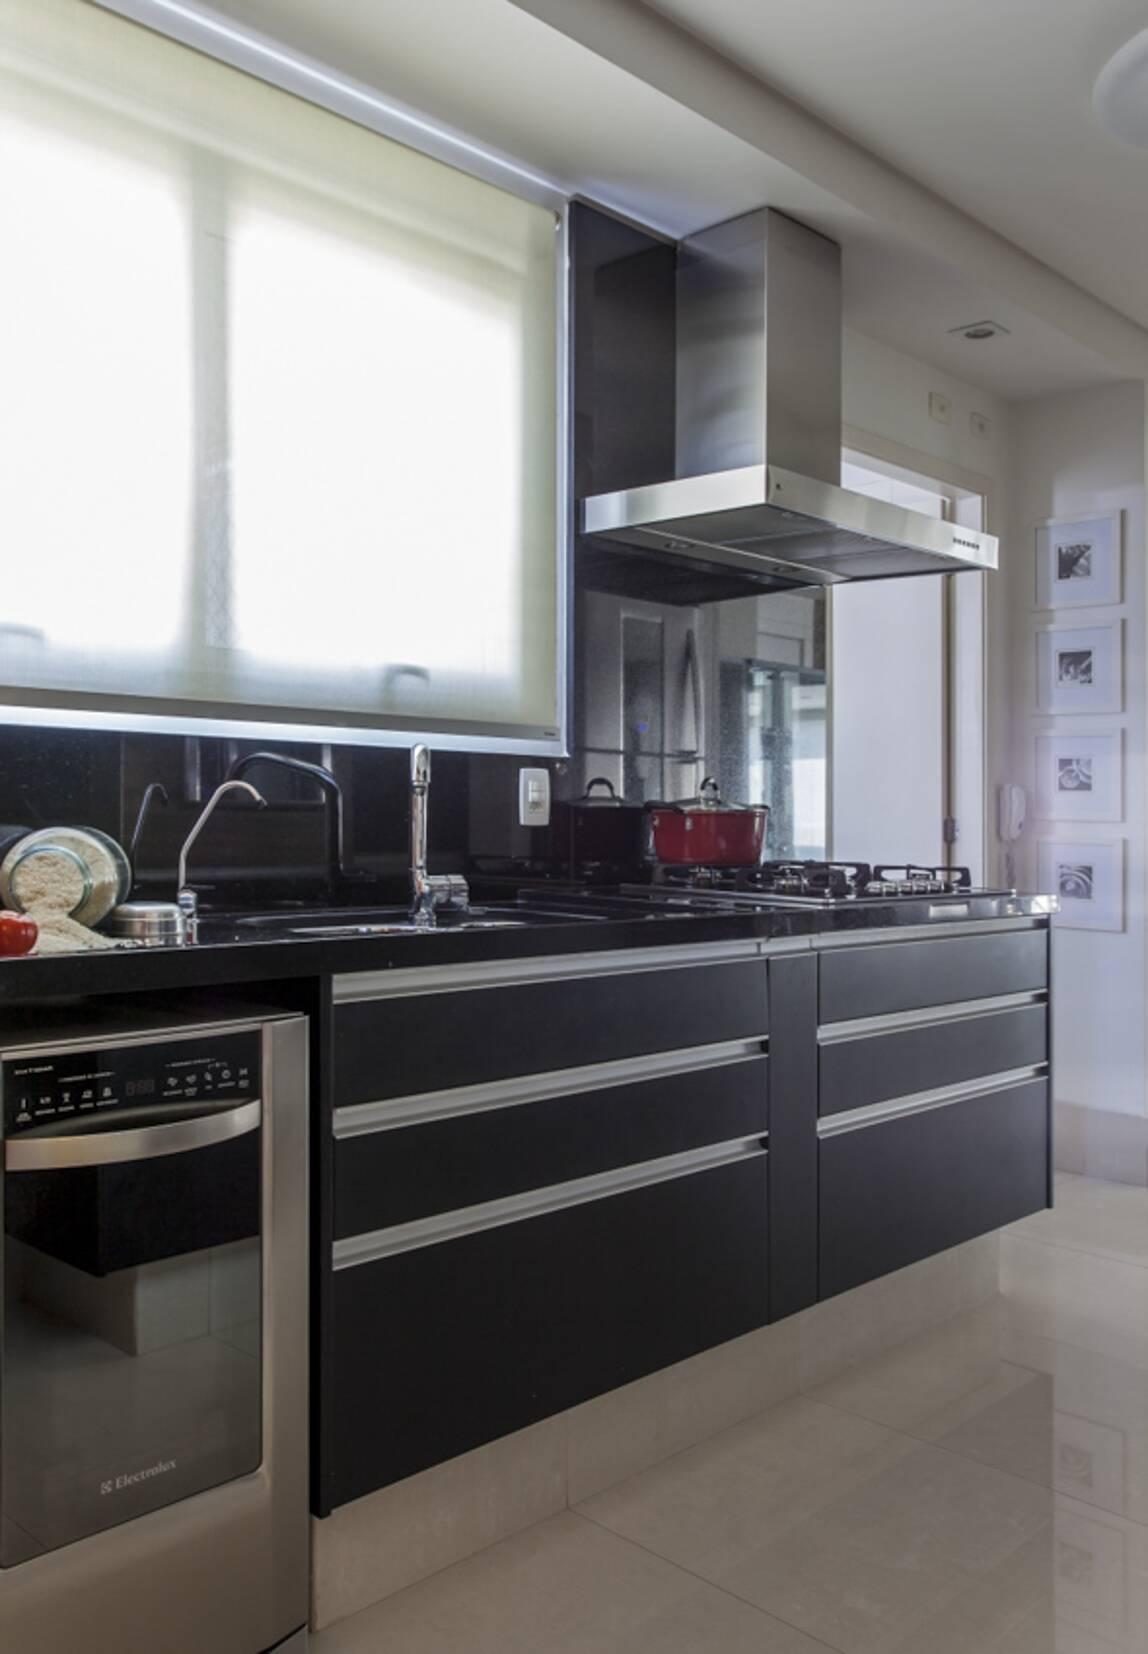 Bancada de cozinha: mais um exemplo para servir de inspiração. Foto: Carlos Piratininga